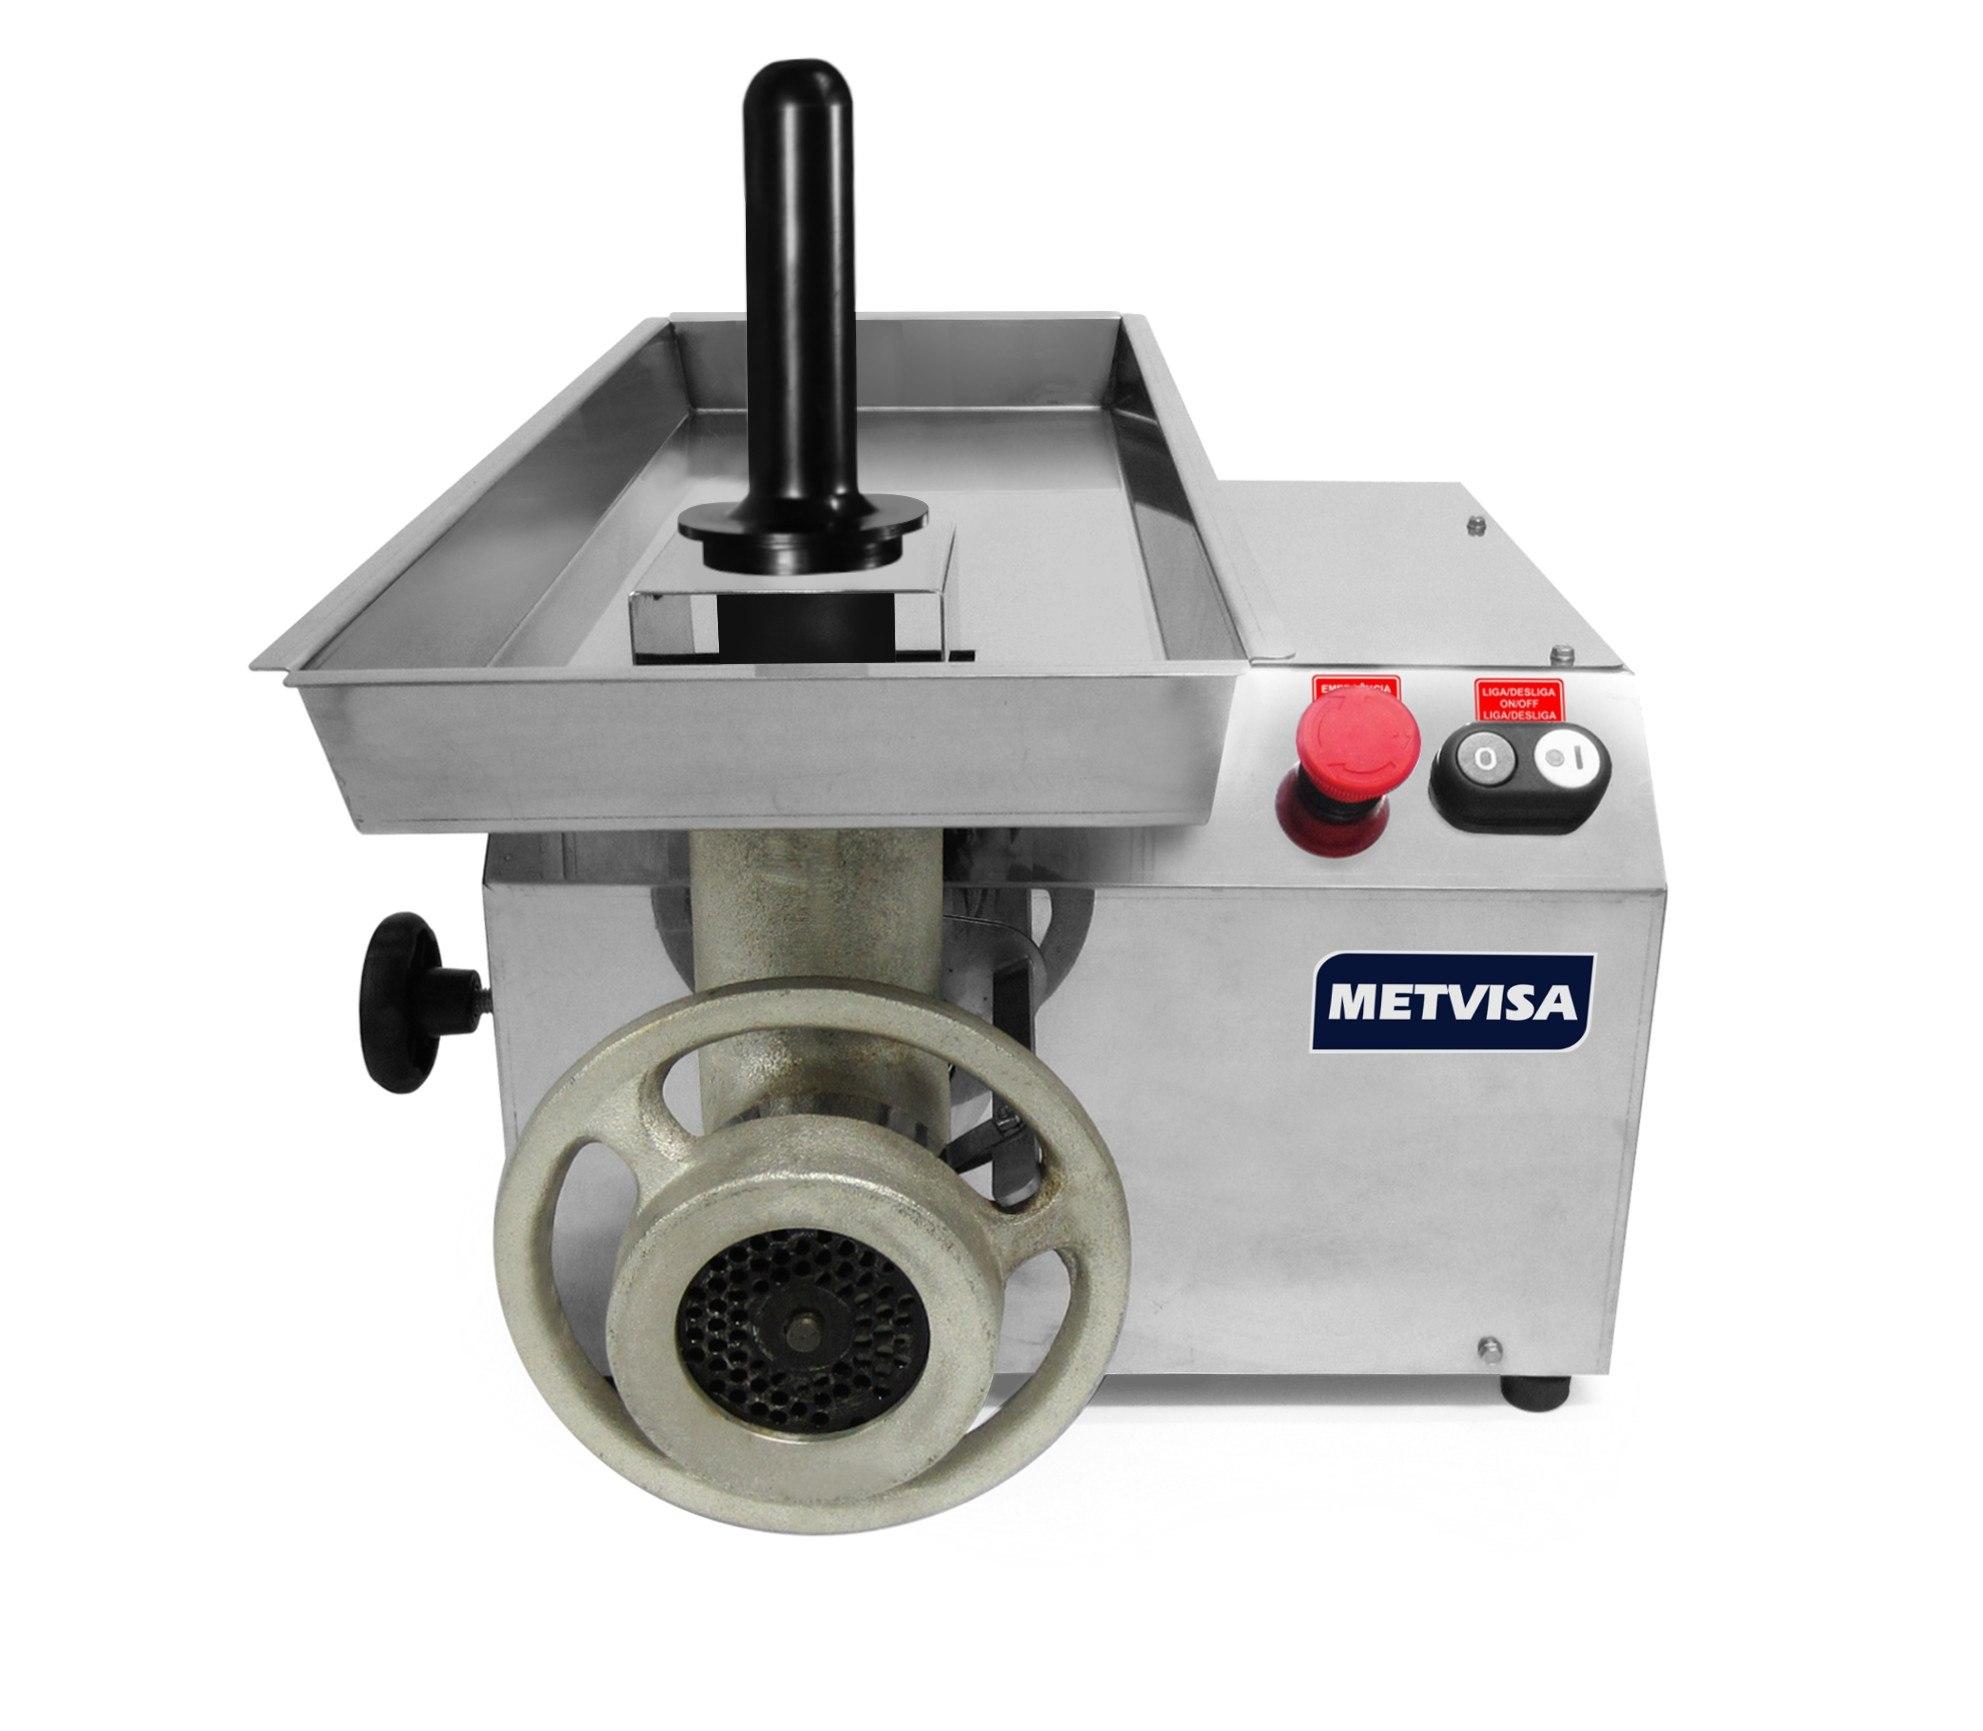 Picador Moedor de Carne Boca 22 Metvisa - PCL22L220M60N5